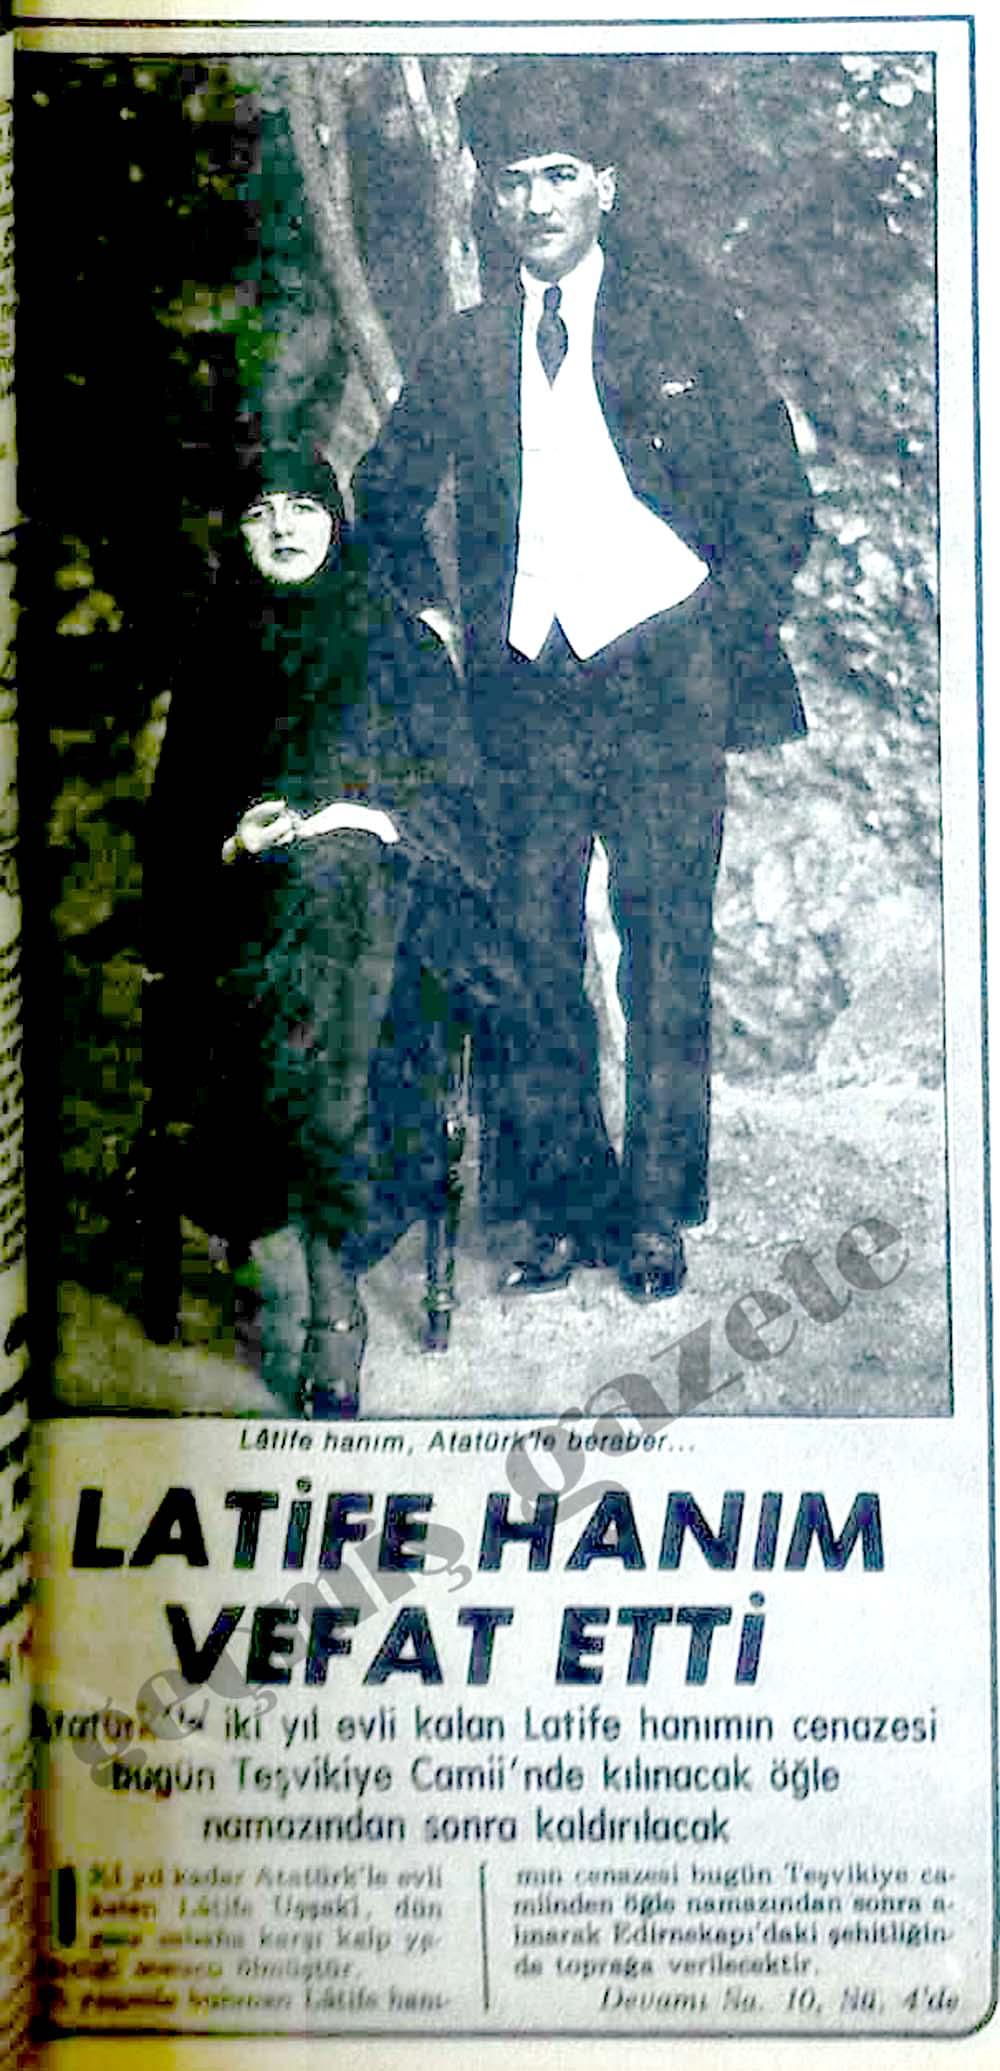 Latife Hanım vefat etti